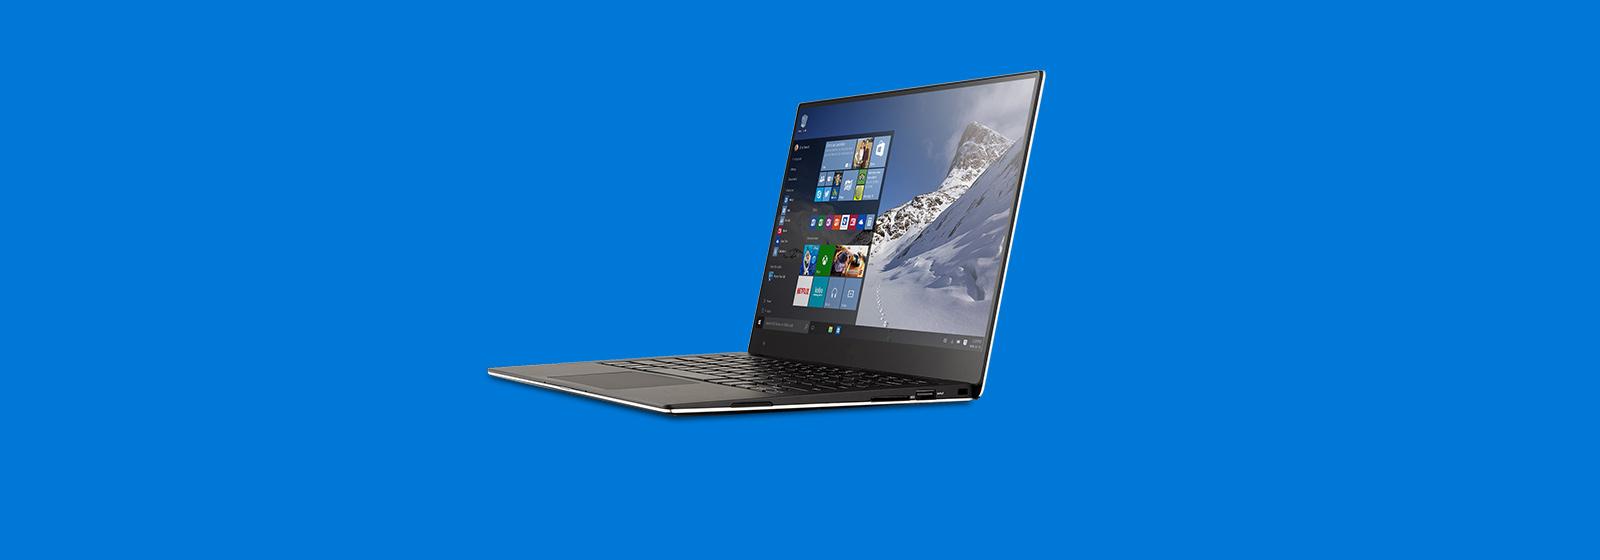 Windows 10 sắp xuất hiện. Tìm hiểu thêm.